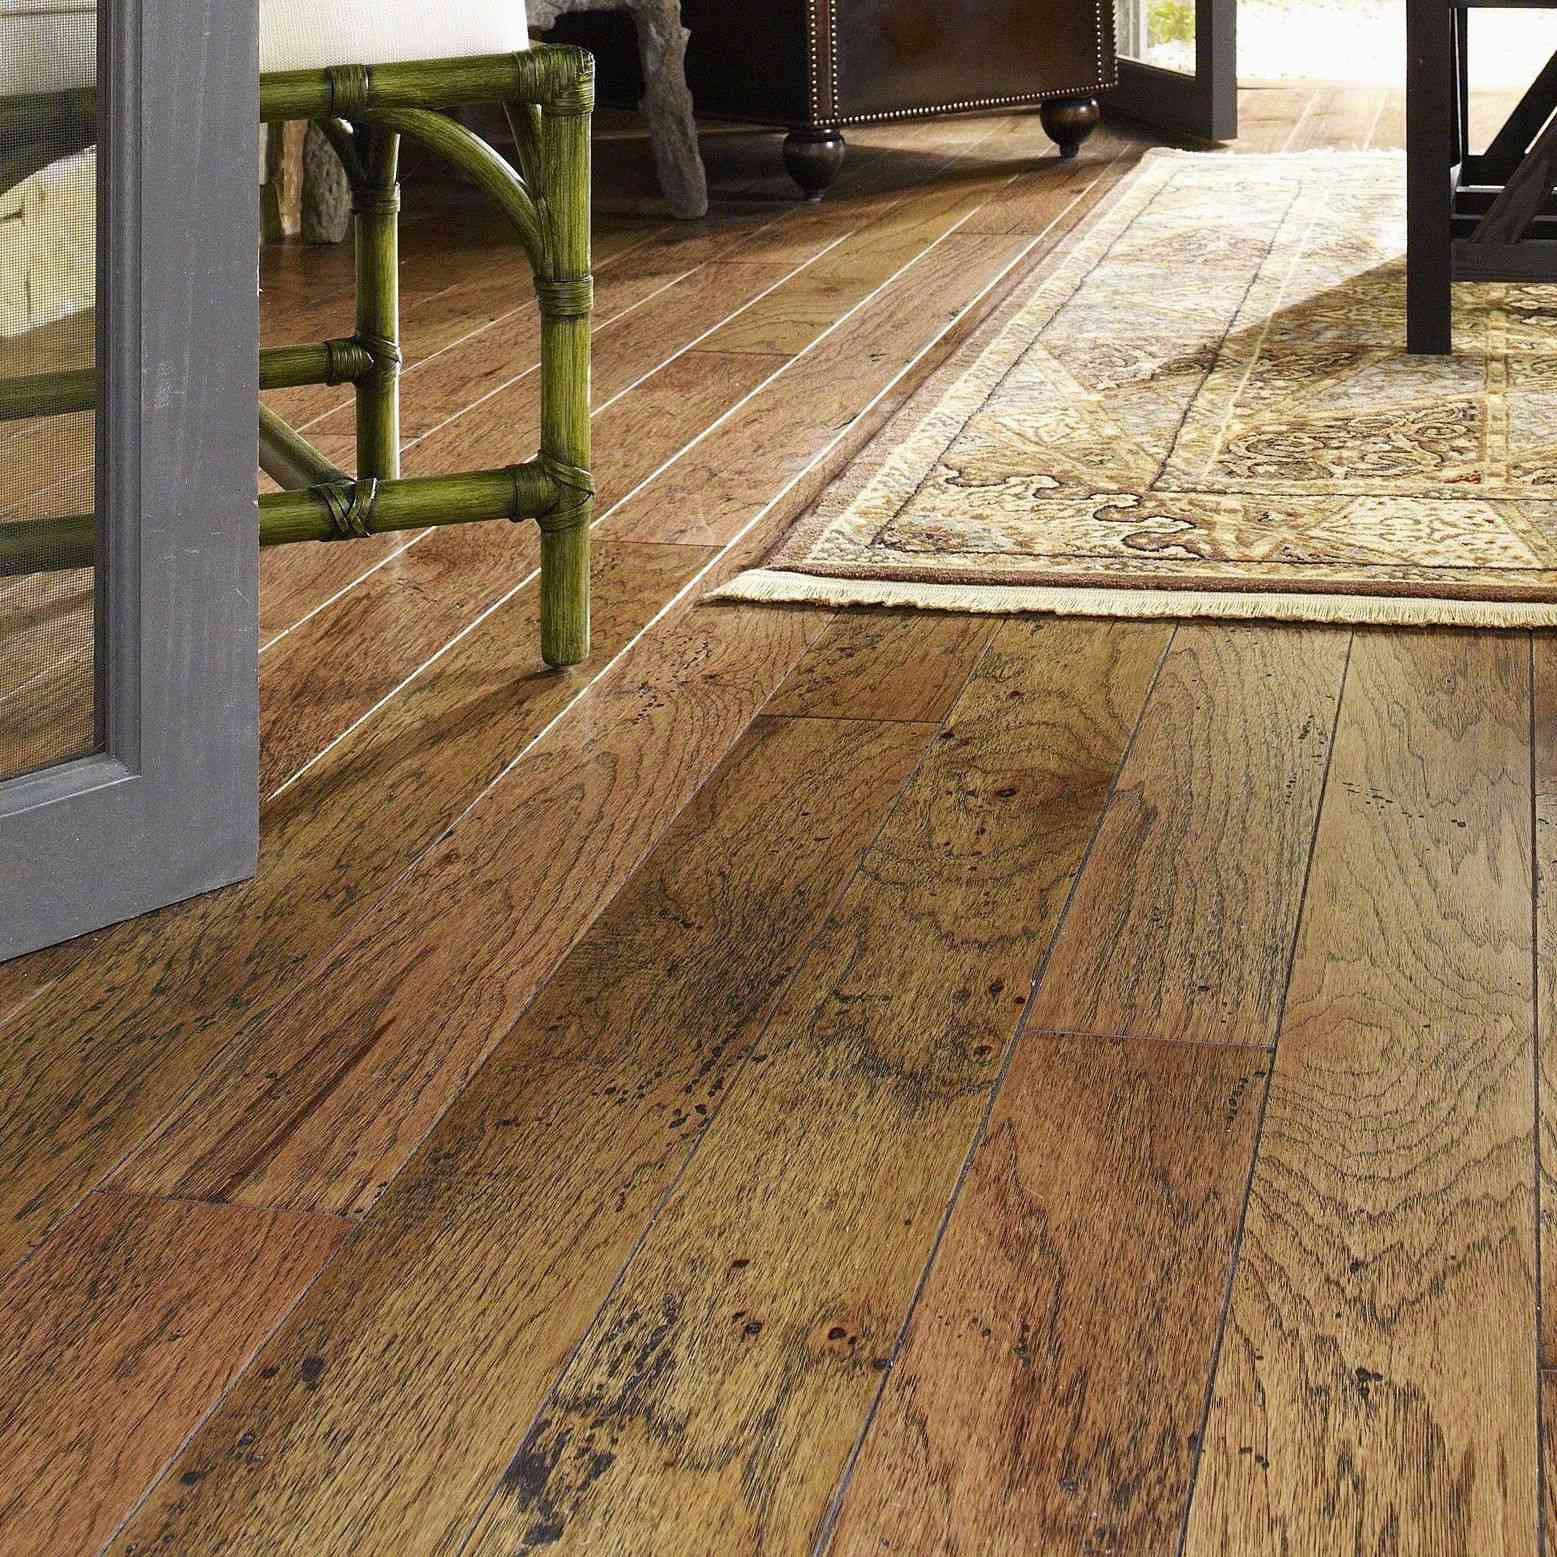 hardwood flooring lowest price of hardwood flooring cost floor plan ideas inside hardwood floor designs new best type wood flooring best floor floor wood floor wood 0d